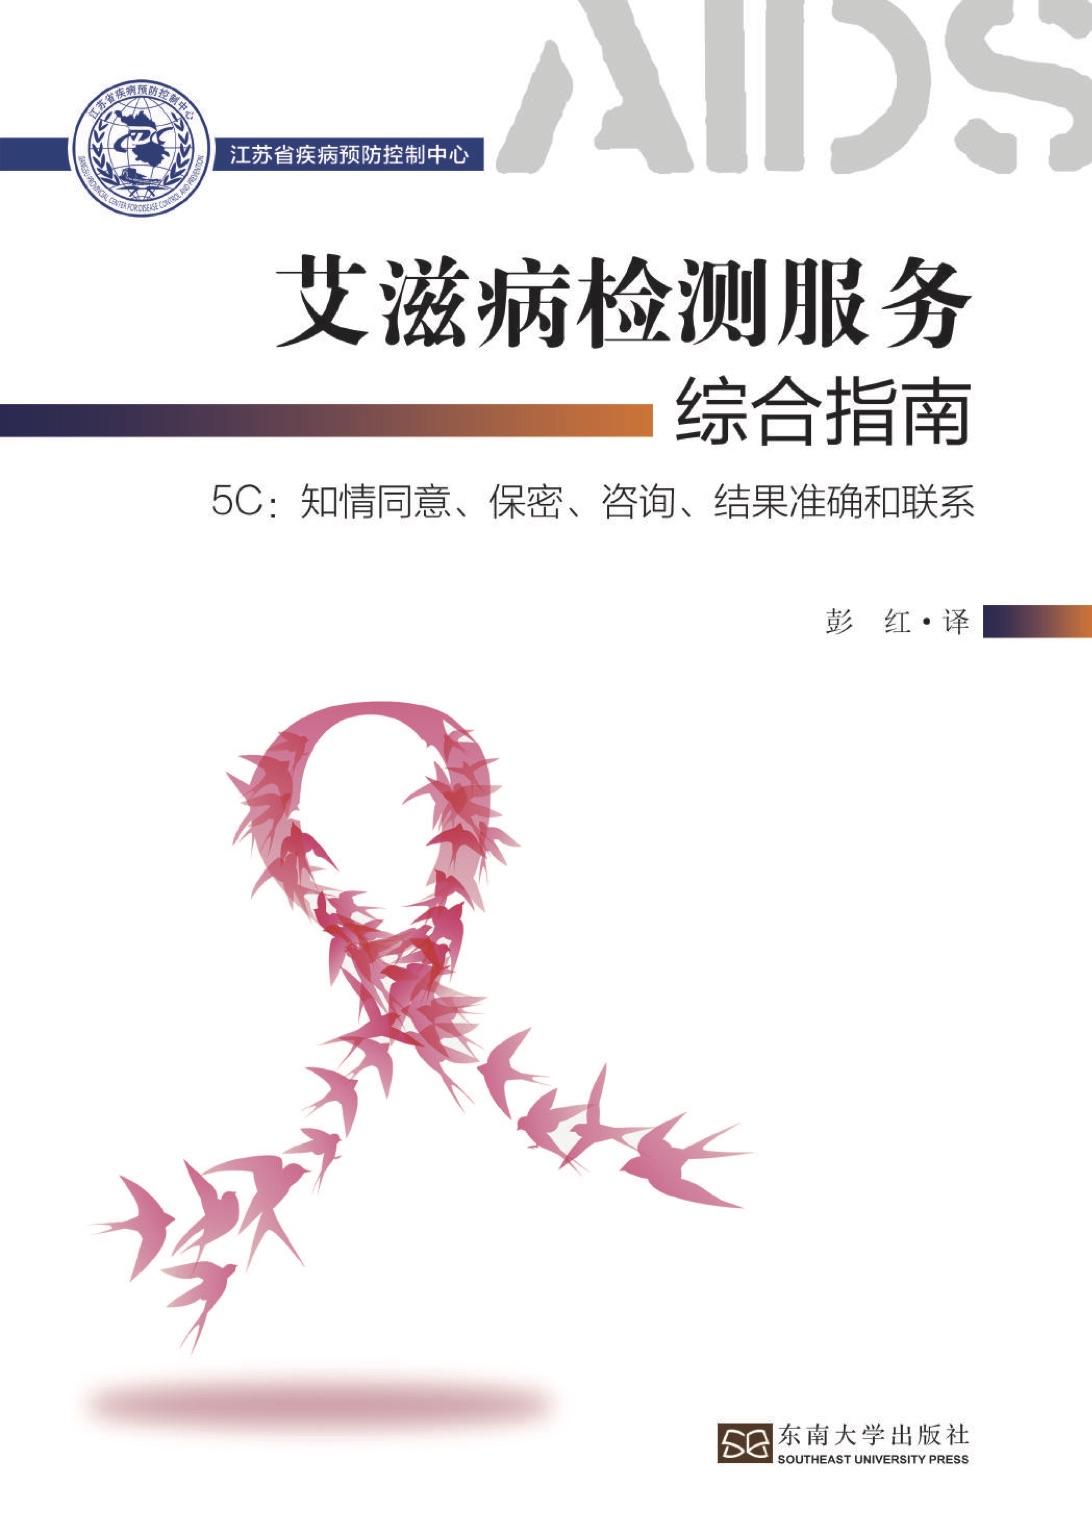 艾滋病检测服务综合指南-5C:知情同意、保密、咨询、结果准确和联系